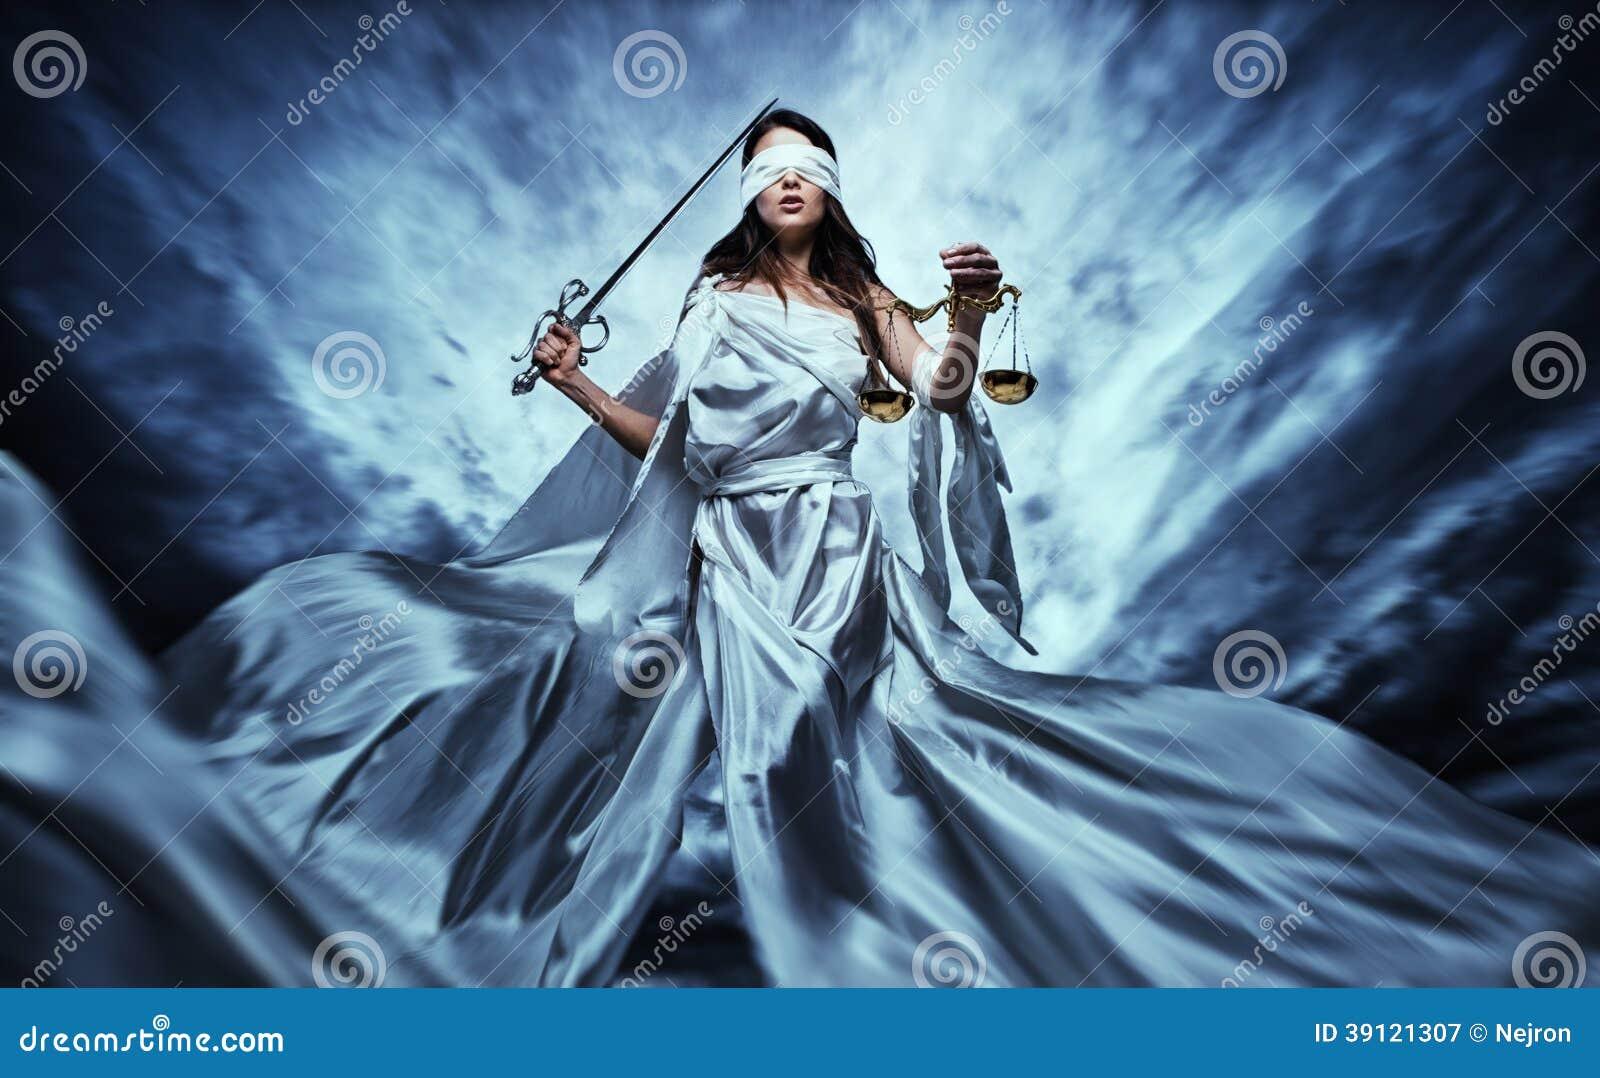 femida goddess of justice stock image image of dramatic